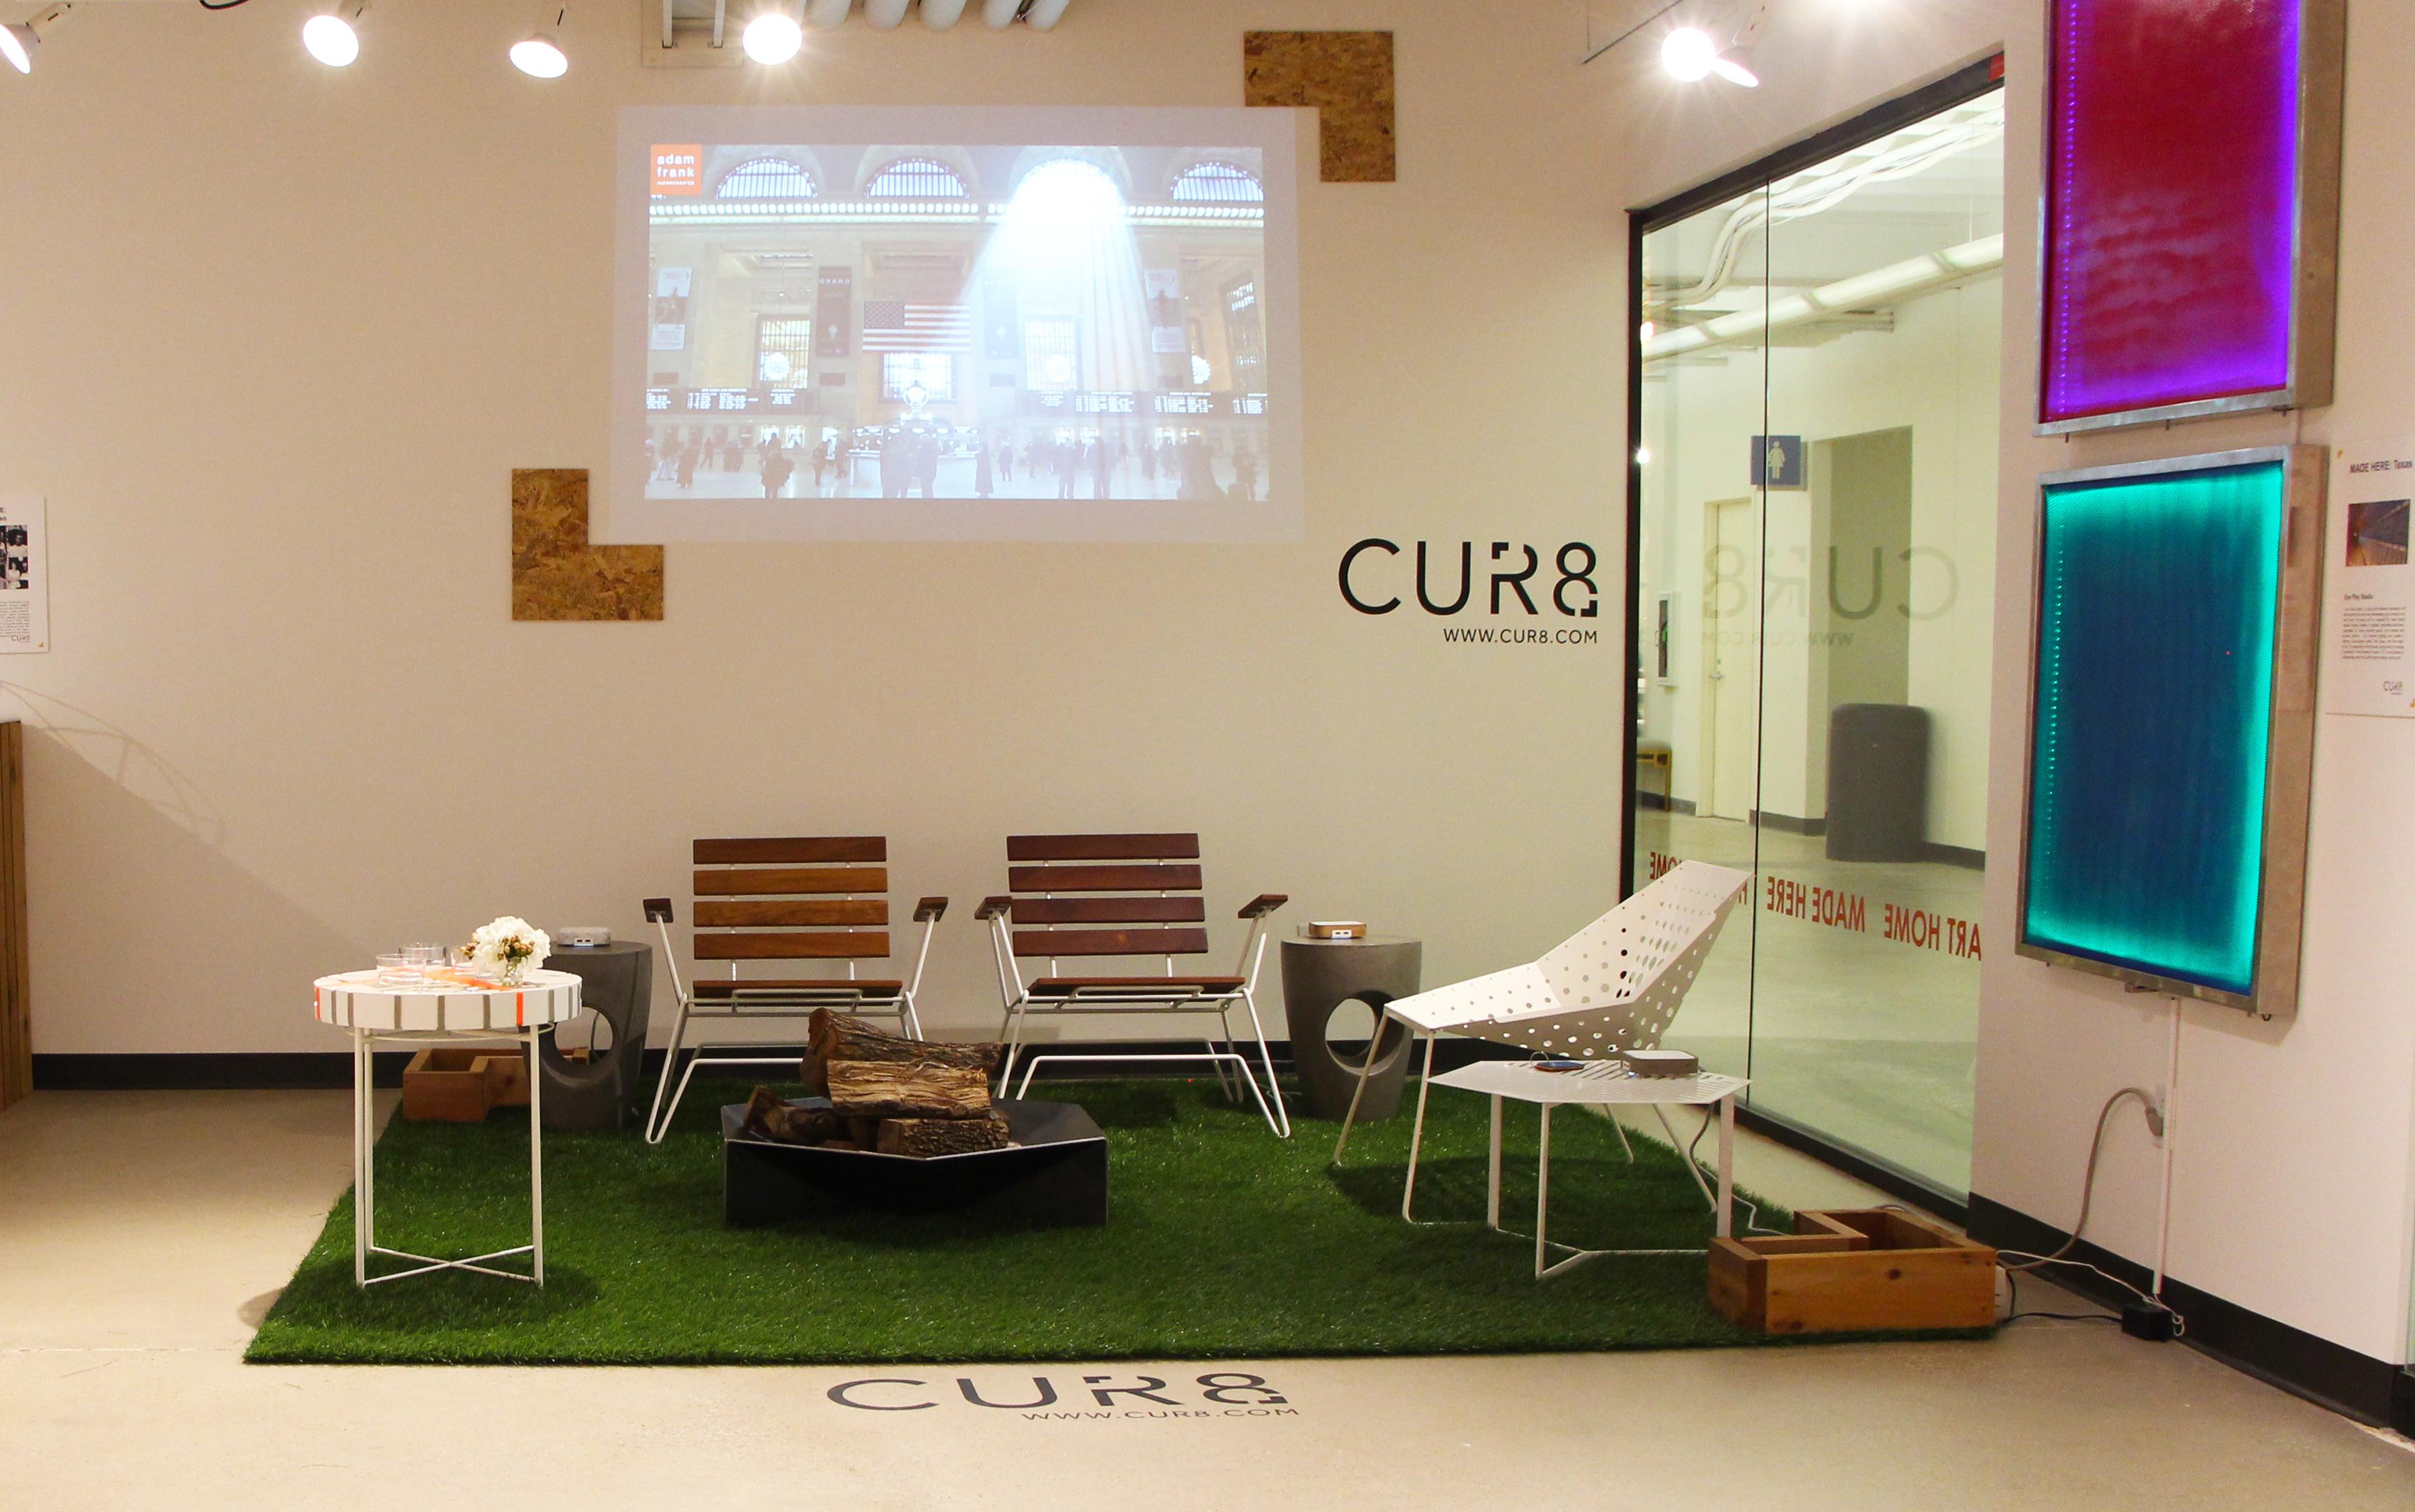 Cur8-Austin-Texas